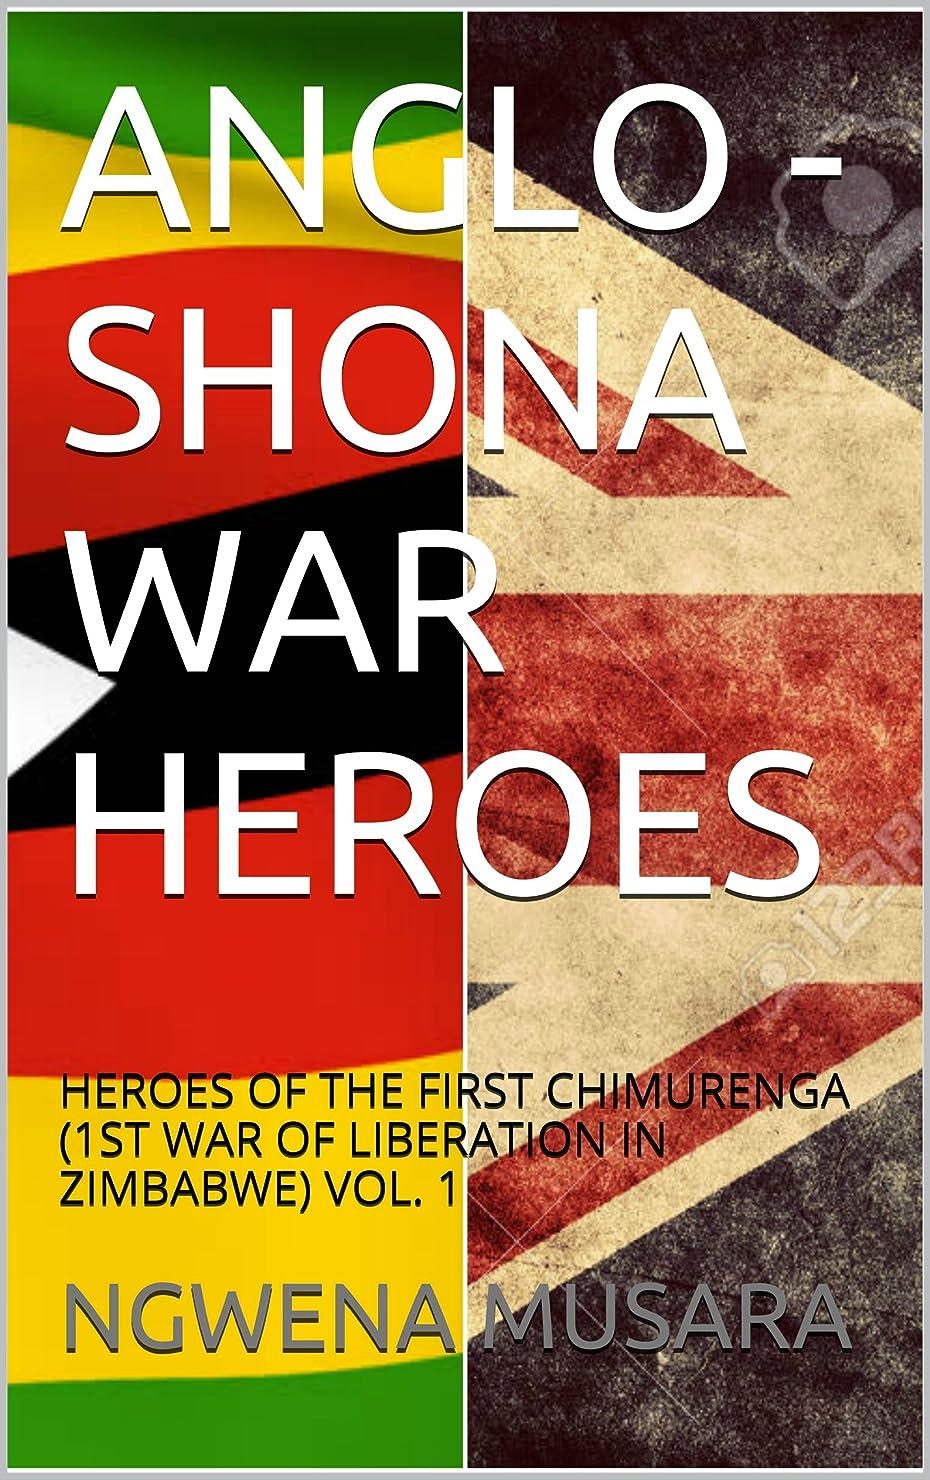 減衰大腿根拠ANGLO - SHONA WAR HEROES (HEROES OF THE FIRST CHIMURENGA Book 1) (English Edition)